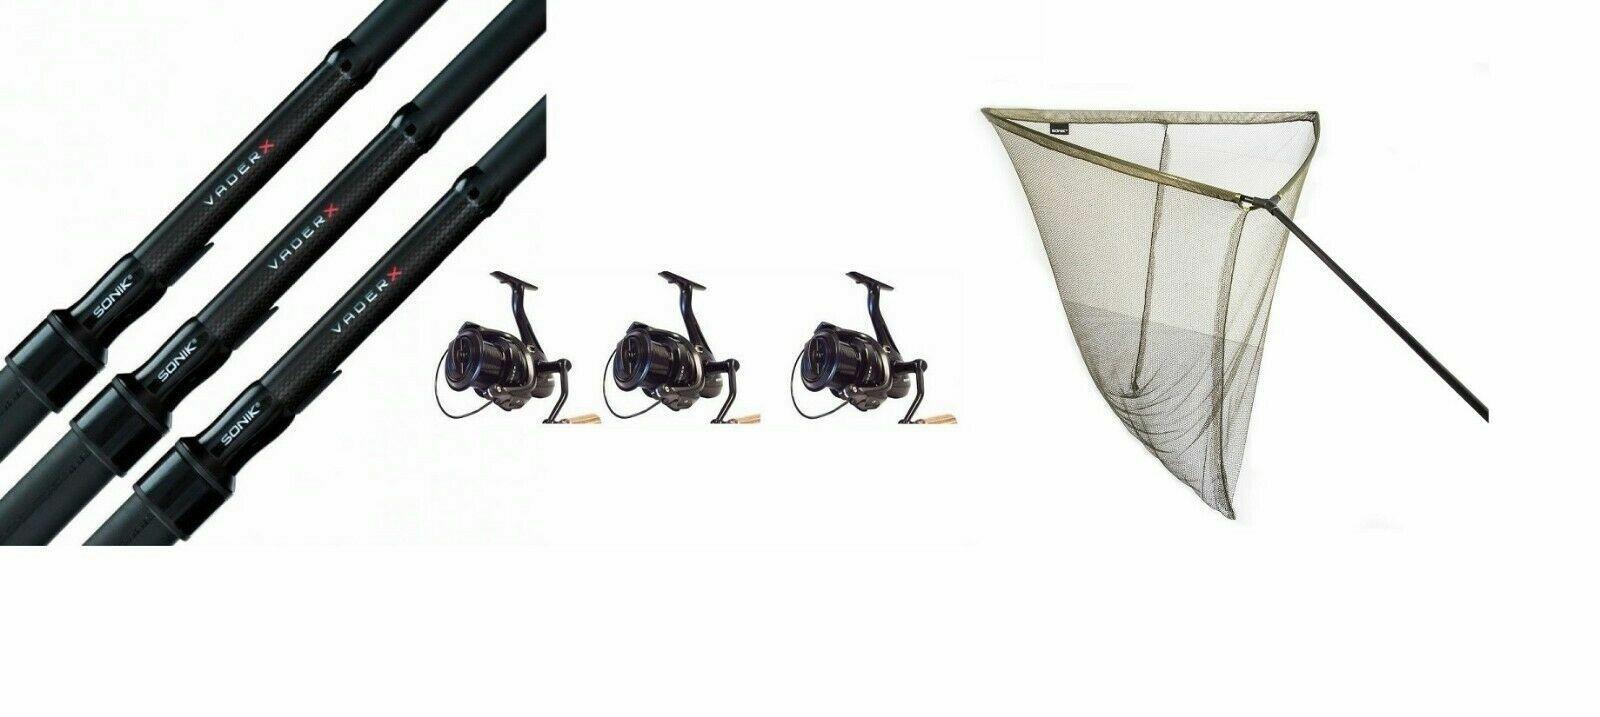 3 X Sonik Vader X Carp Rods 12ft 2.75lb + 3 Vader X 8000RS REELS+ 42  L Net